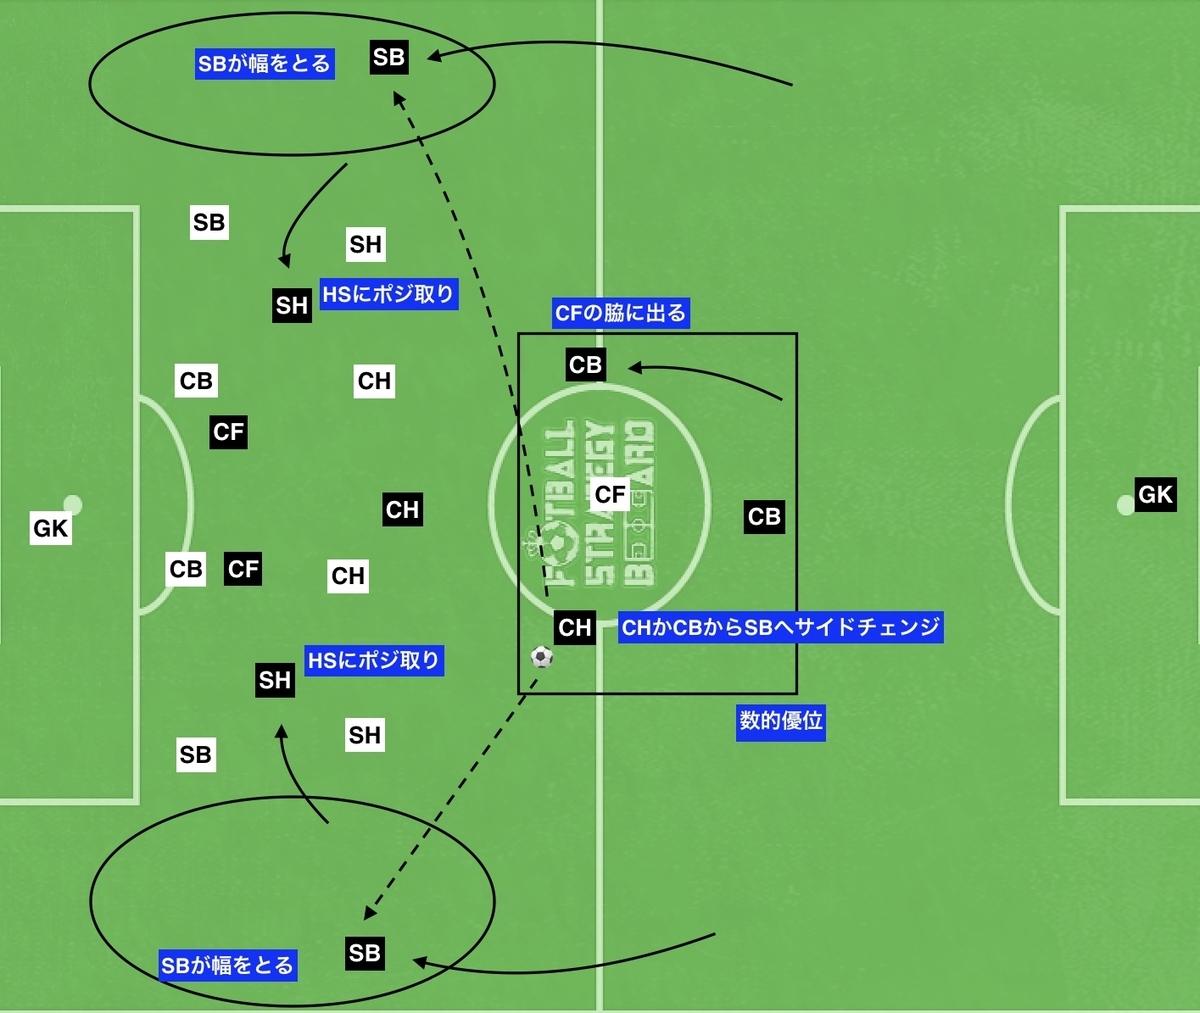 f:id:football-analyst:20191105165642j:plain